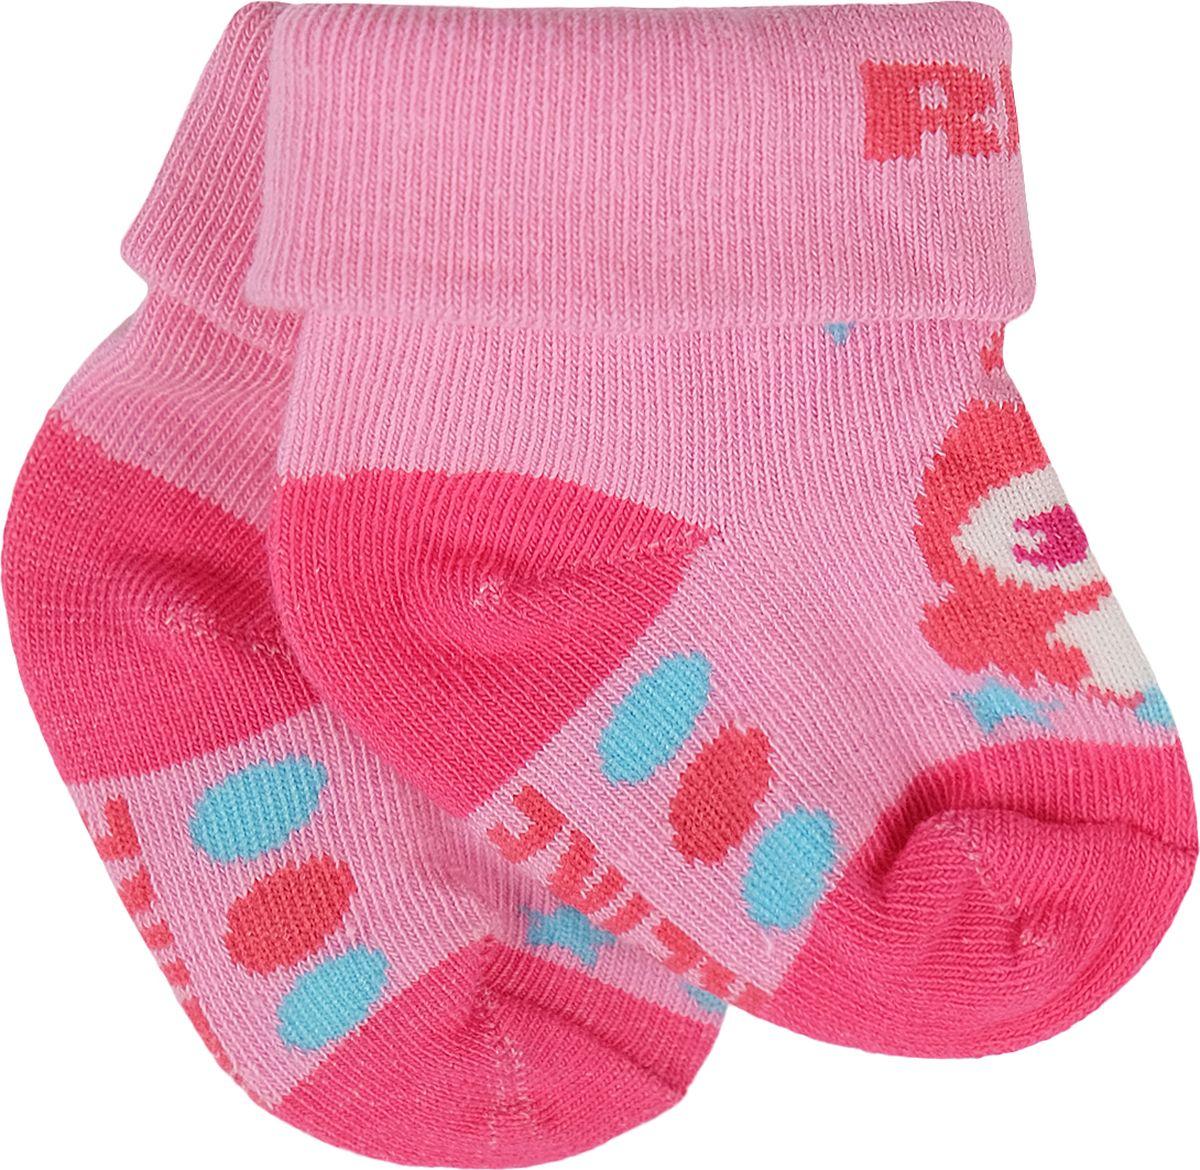 Носки для девочки Reike, цвет: розовый. RSK18_BS1 pink. Размер 10RSK18_BS1 pinkДетские носки с отворотом выполнены из хлопкового материала с добавлением полиэстера и полиуретана. Эластичная резинка мягко облегает ножку ребенка. Усиленные пятка и мысок обеспечивают надежность и долговечность.